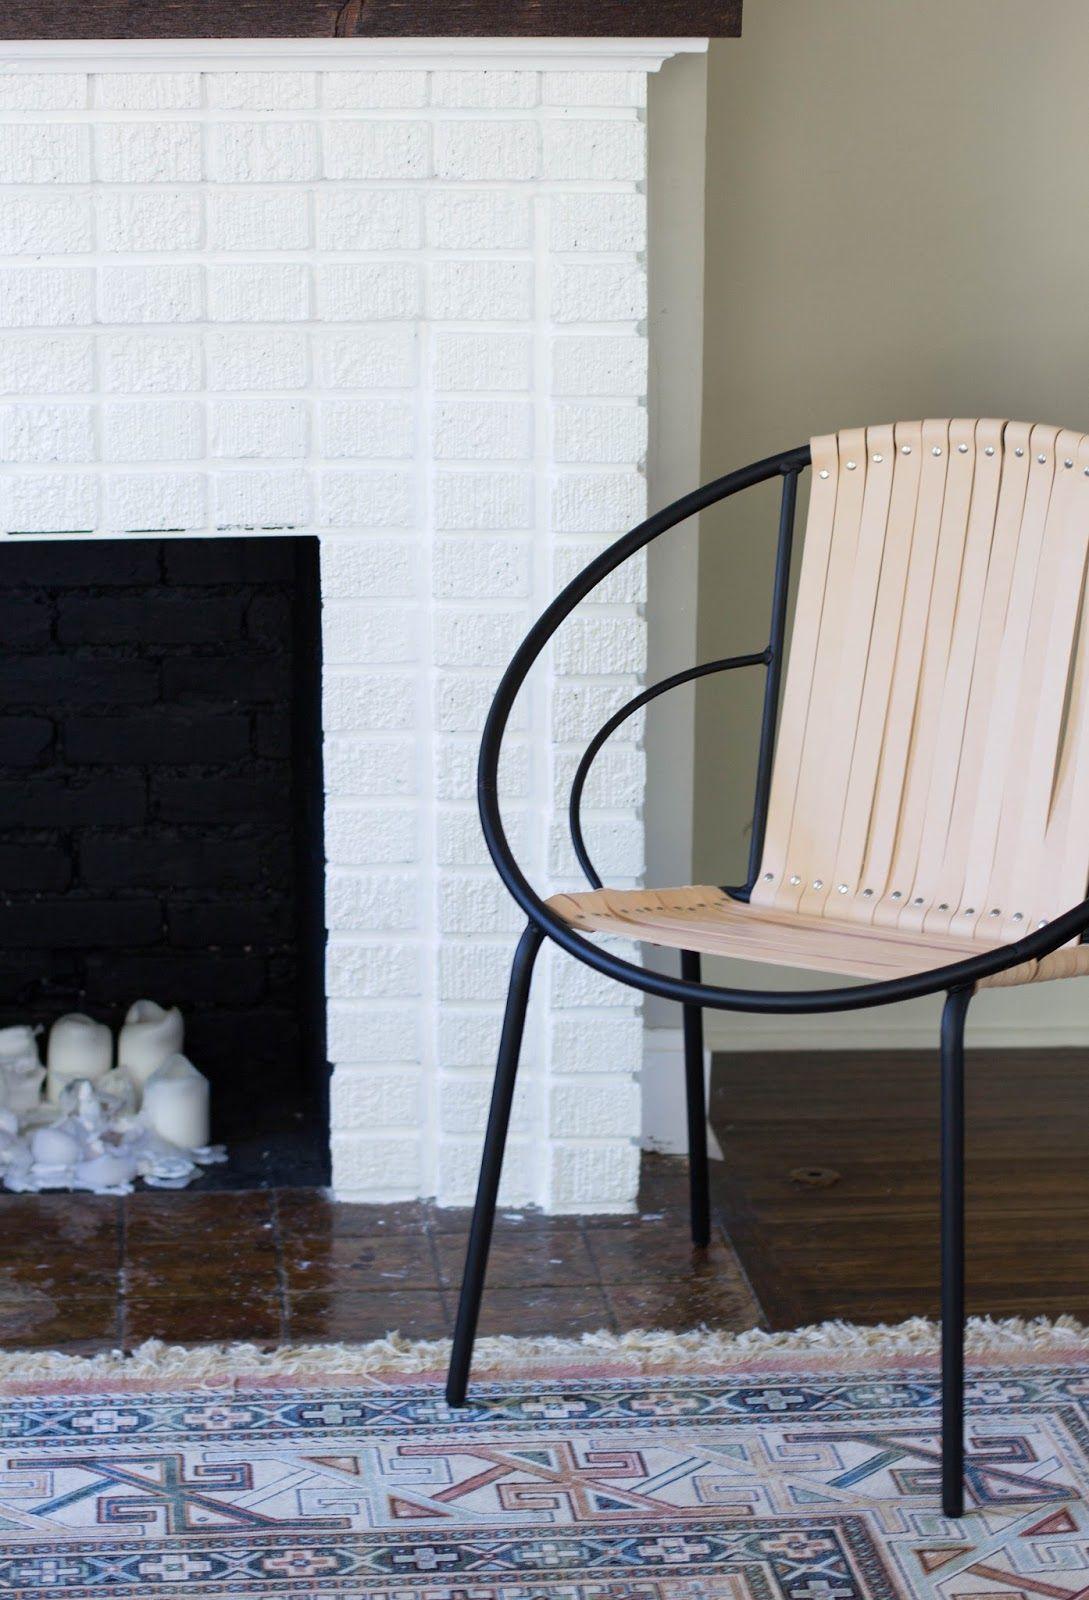 Дешево и красиво: делаем стулья своими руками - image13